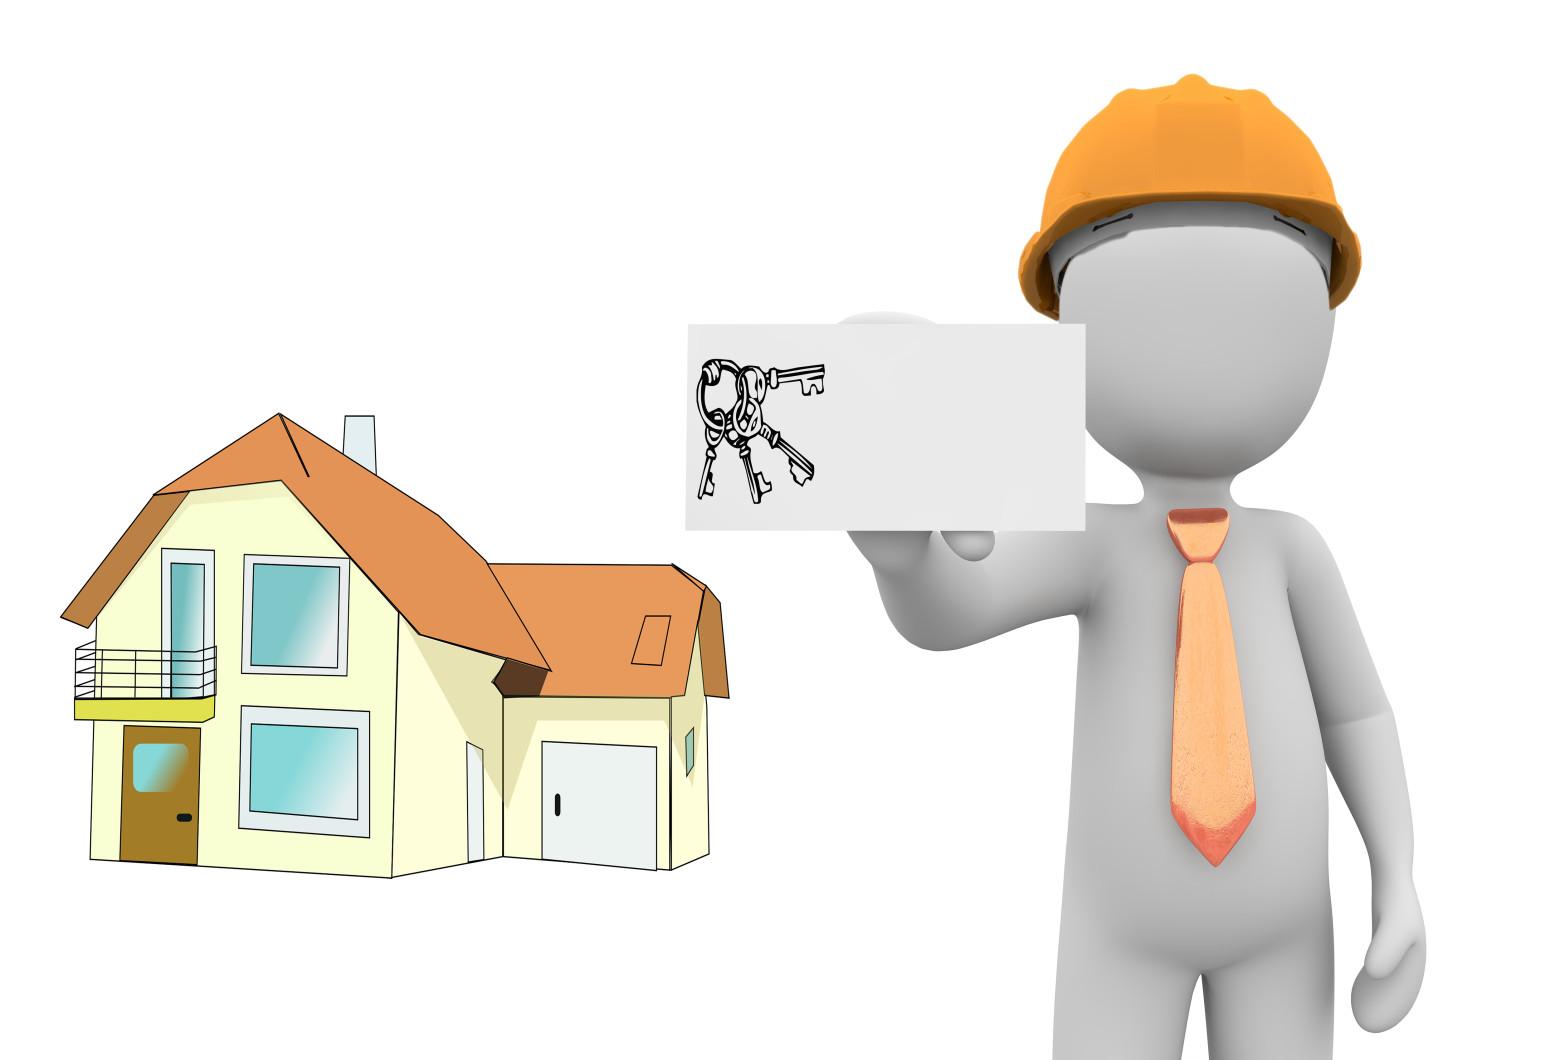 bonhomme blanc 3d ma on service construction images gratuites images gratuites et libres de droits. Black Bedroom Furniture Sets. Home Design Ideas